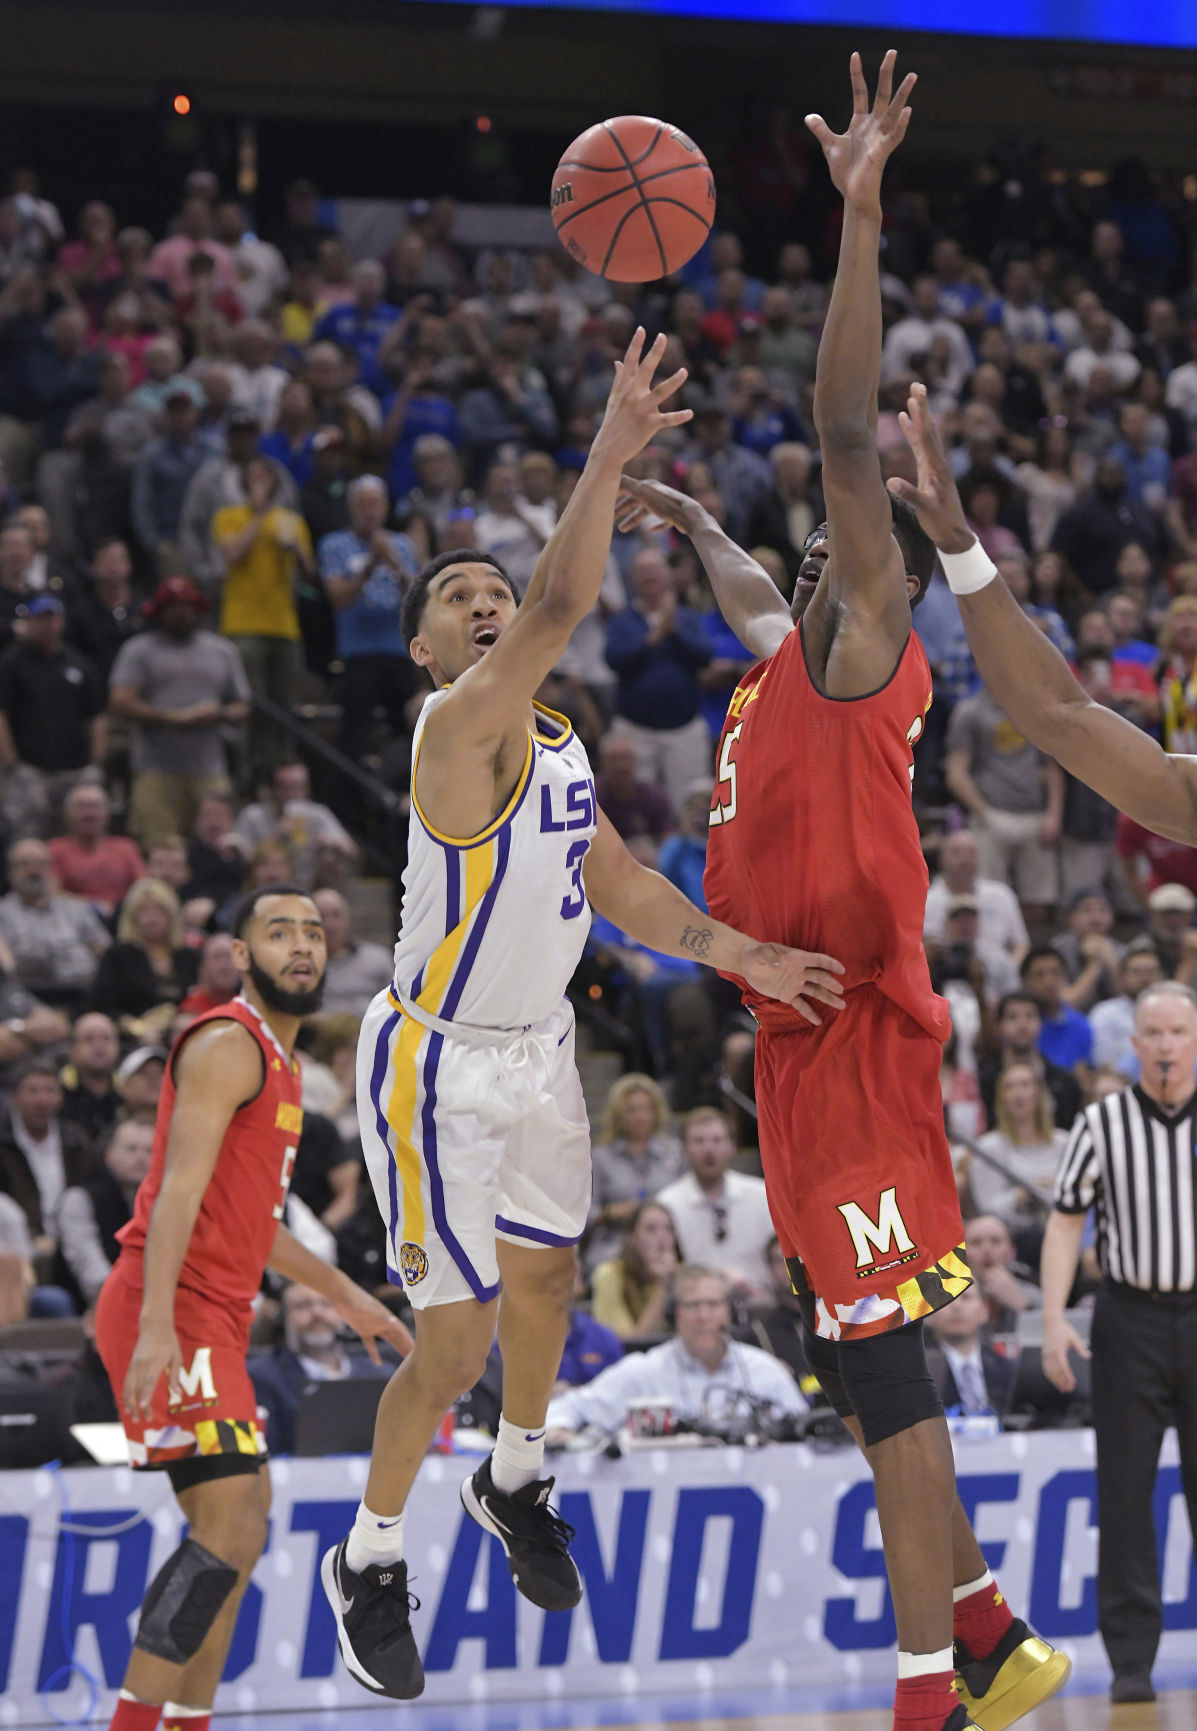 APTOPIX NCAA Maryland LSU Basketball